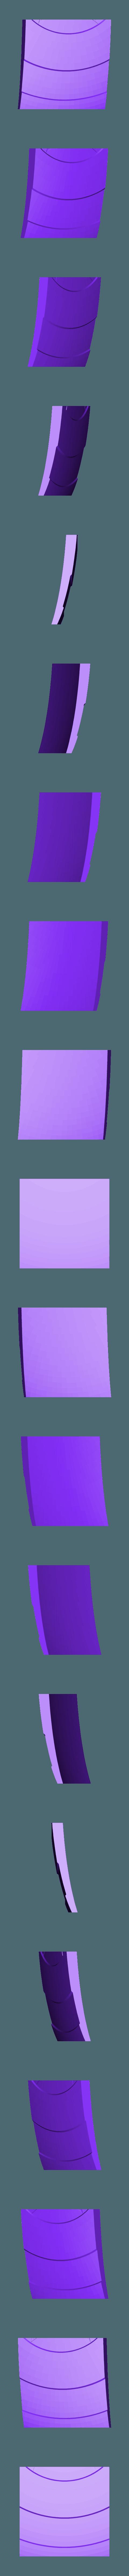 16.STL Télécharger fichier STL gratuit Bouclier du capitaine amérique (Entièrement détaillé) • Design pour imprimante 3D, Absolute3D